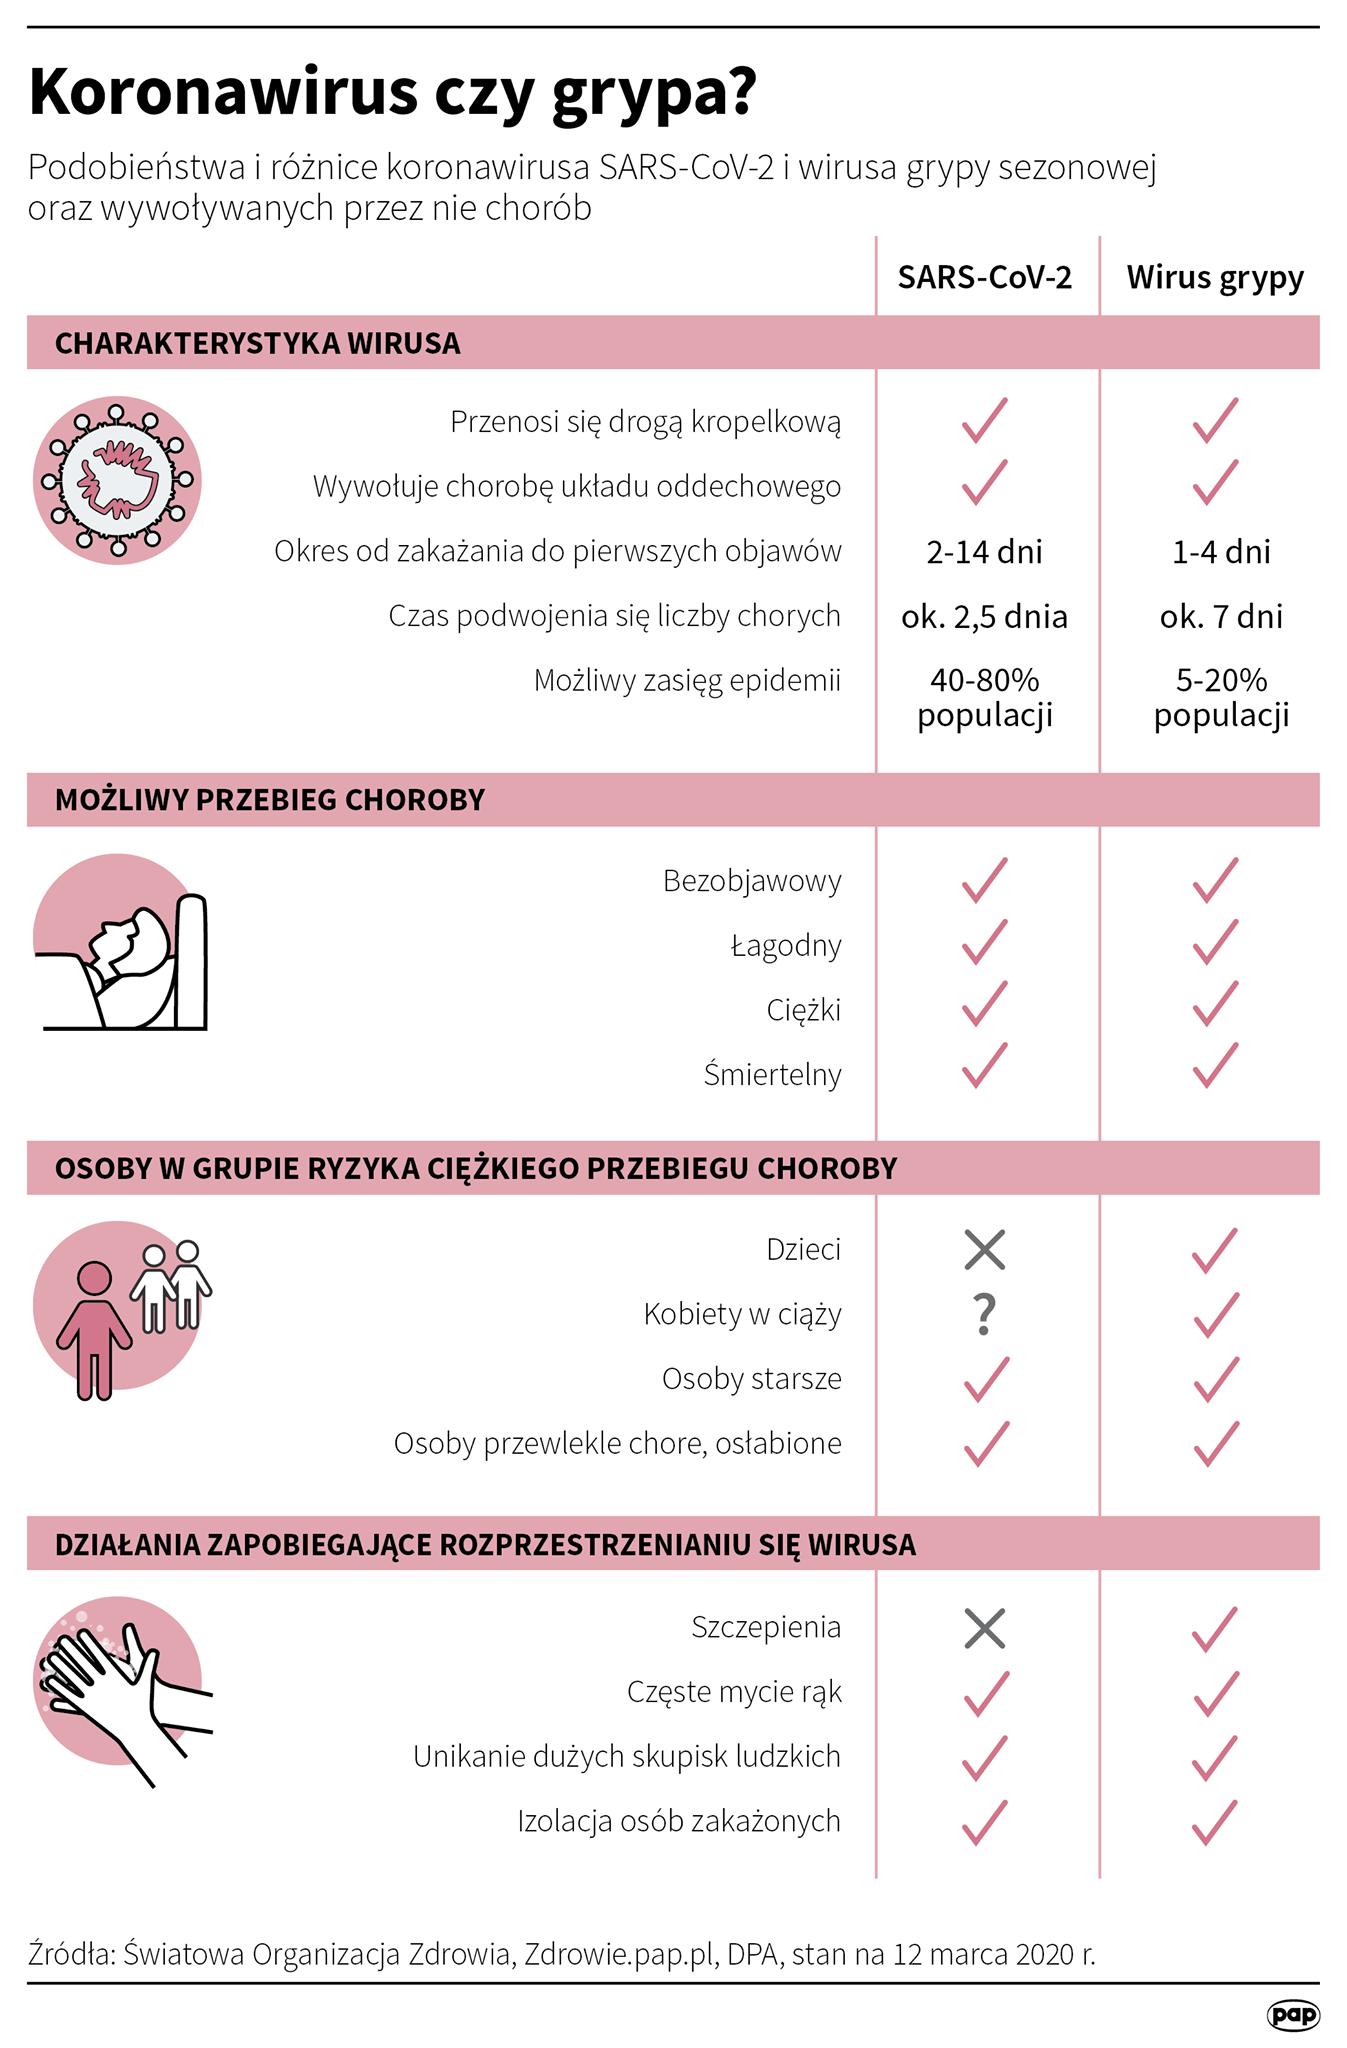 Koronawirus czy grypa? – podobieństwa i różnice